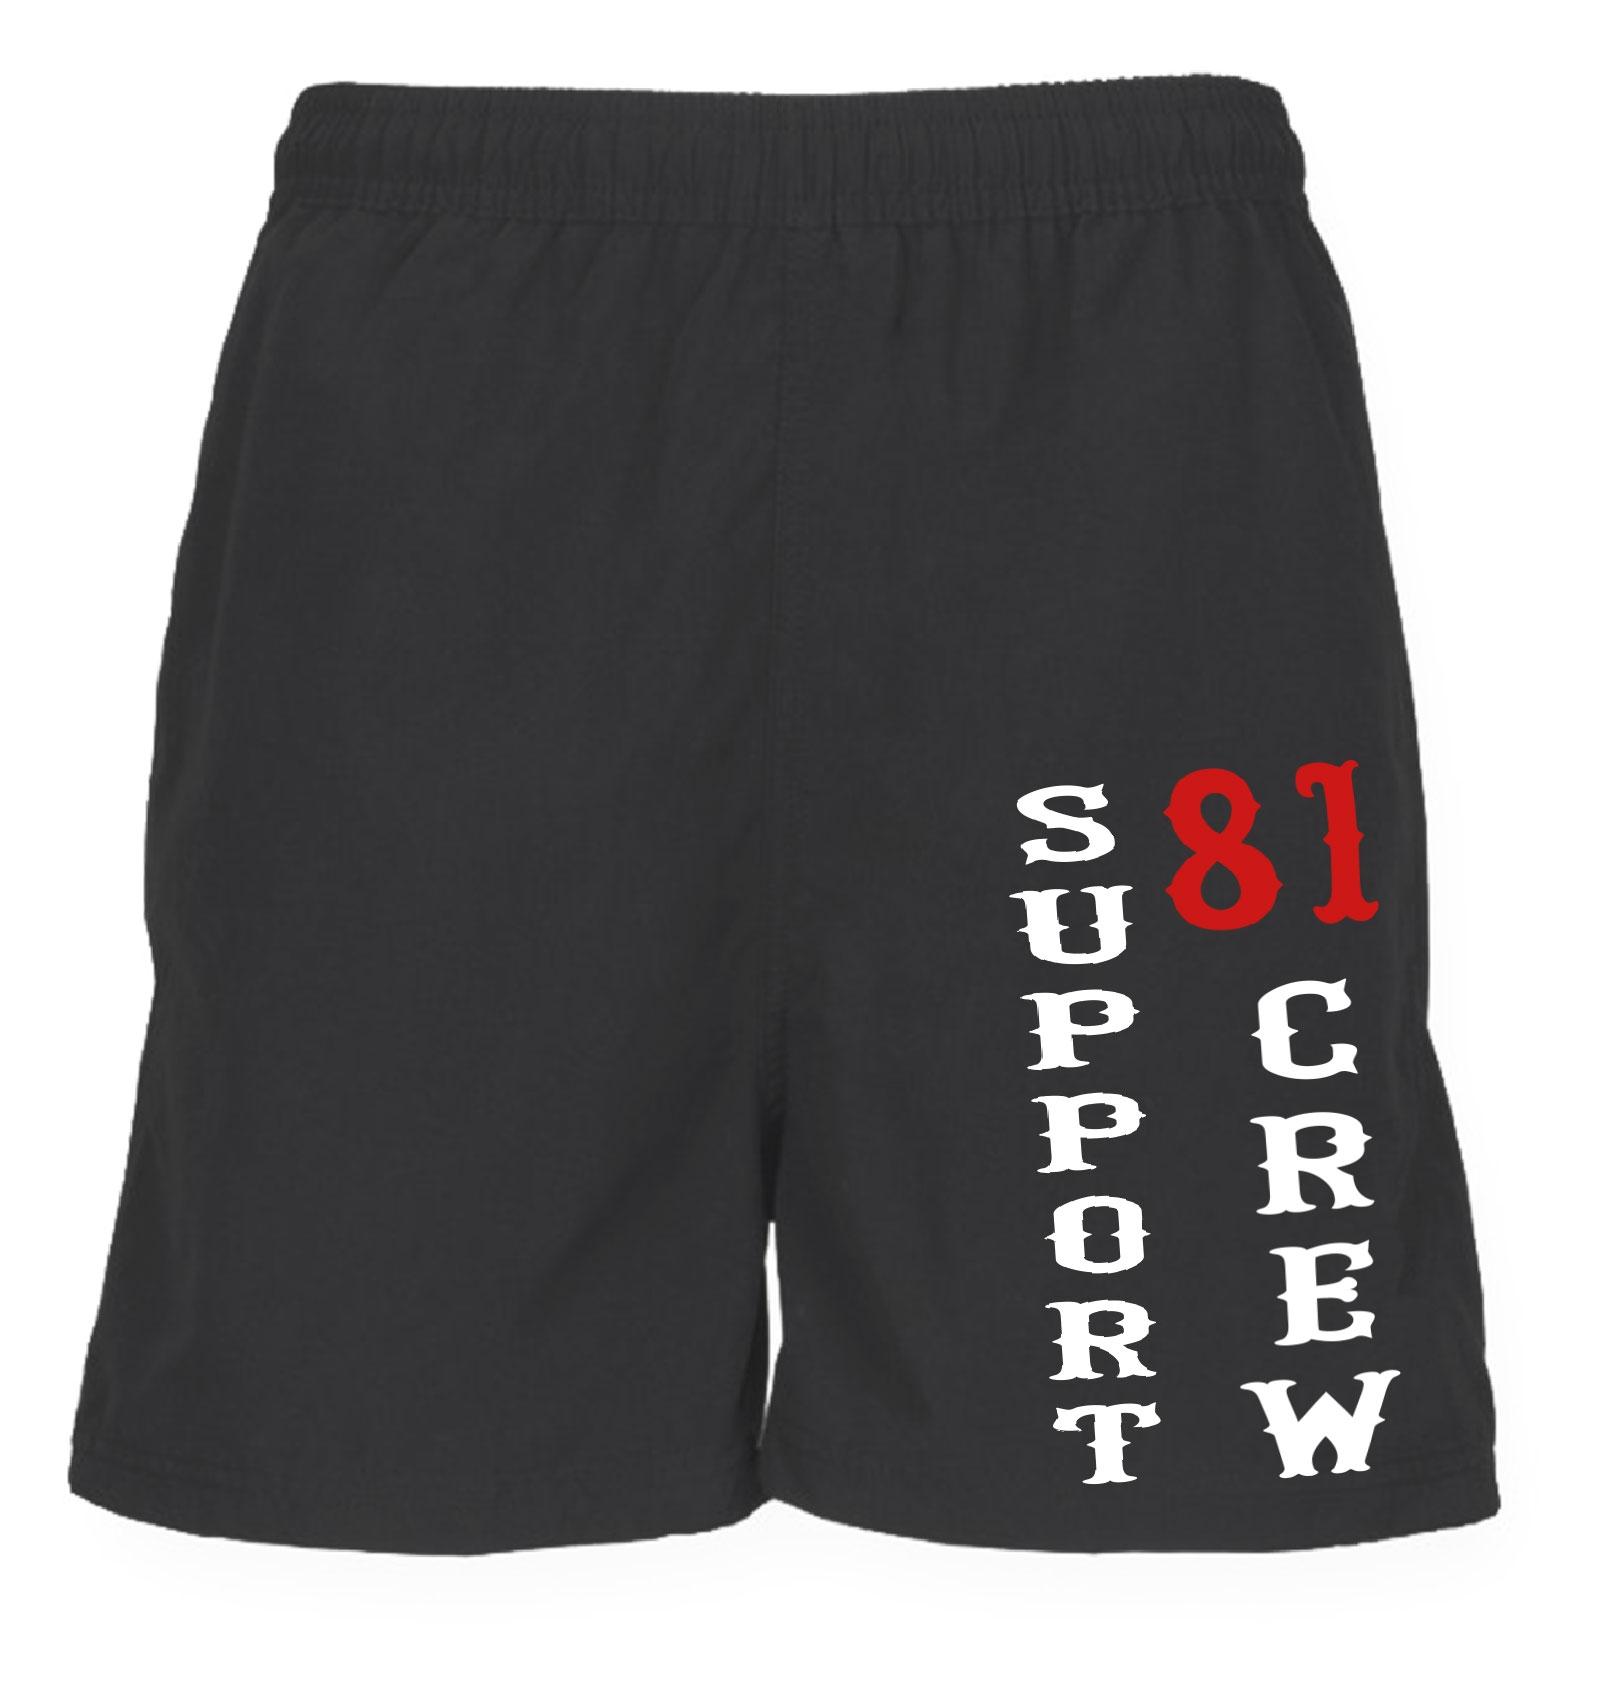 49 support 81 hells angels sport shorts crew black ebay. Black Bedroom Furniture Sets. Home Design Ideas